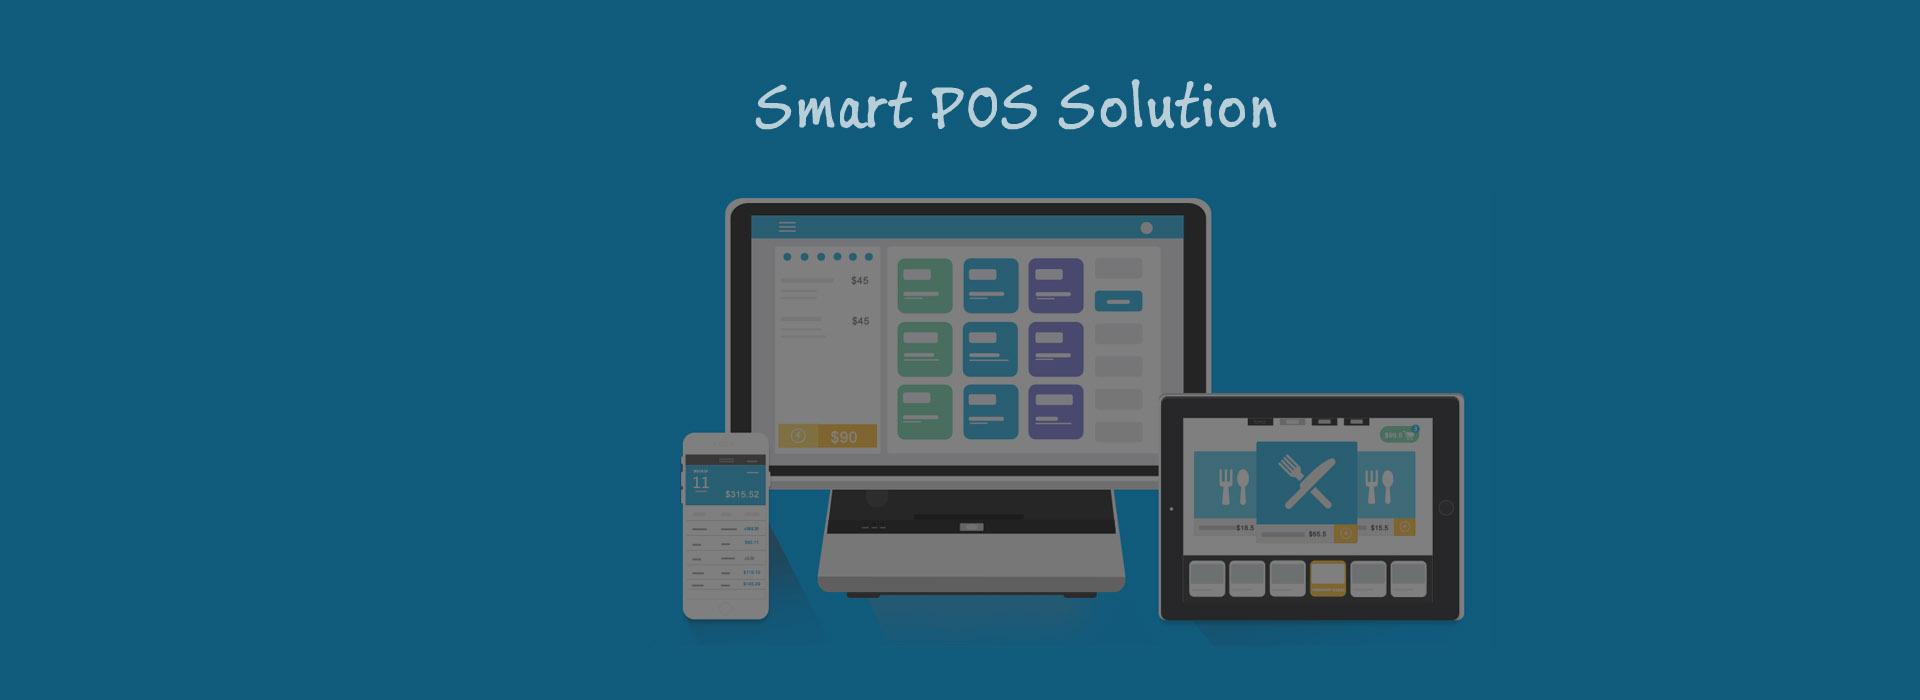 SlickMenus POS Solutions